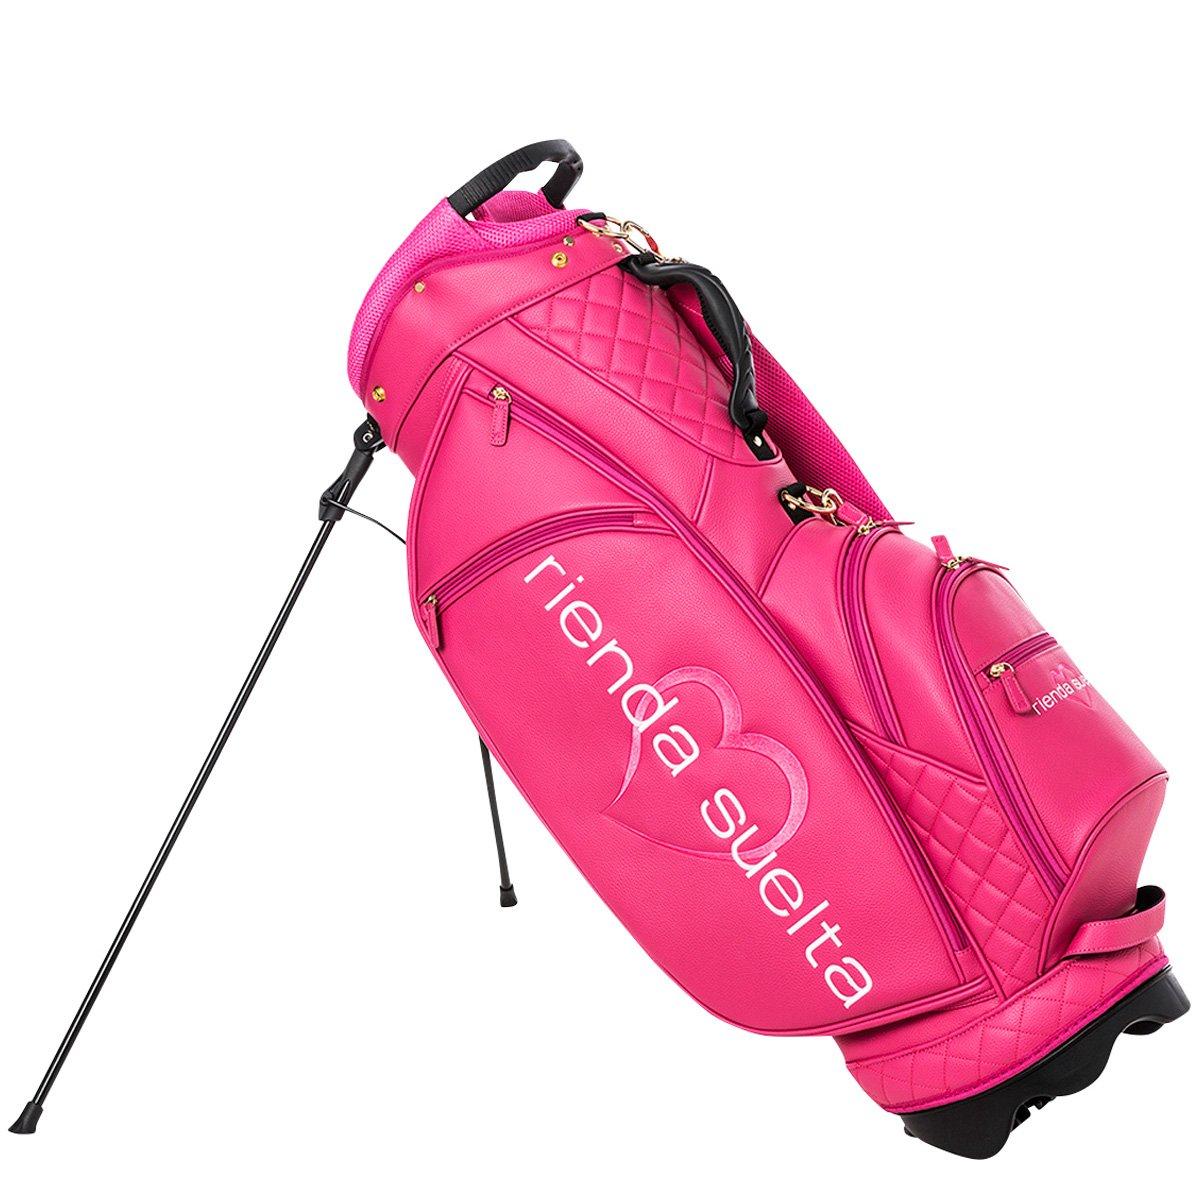 リエンダスエルタゴルフ(Rienda Suelta Golf) キャディーバッグ シュリンク CADDIE BAG RS-8061401 ローズピンク F   B0757P95GP